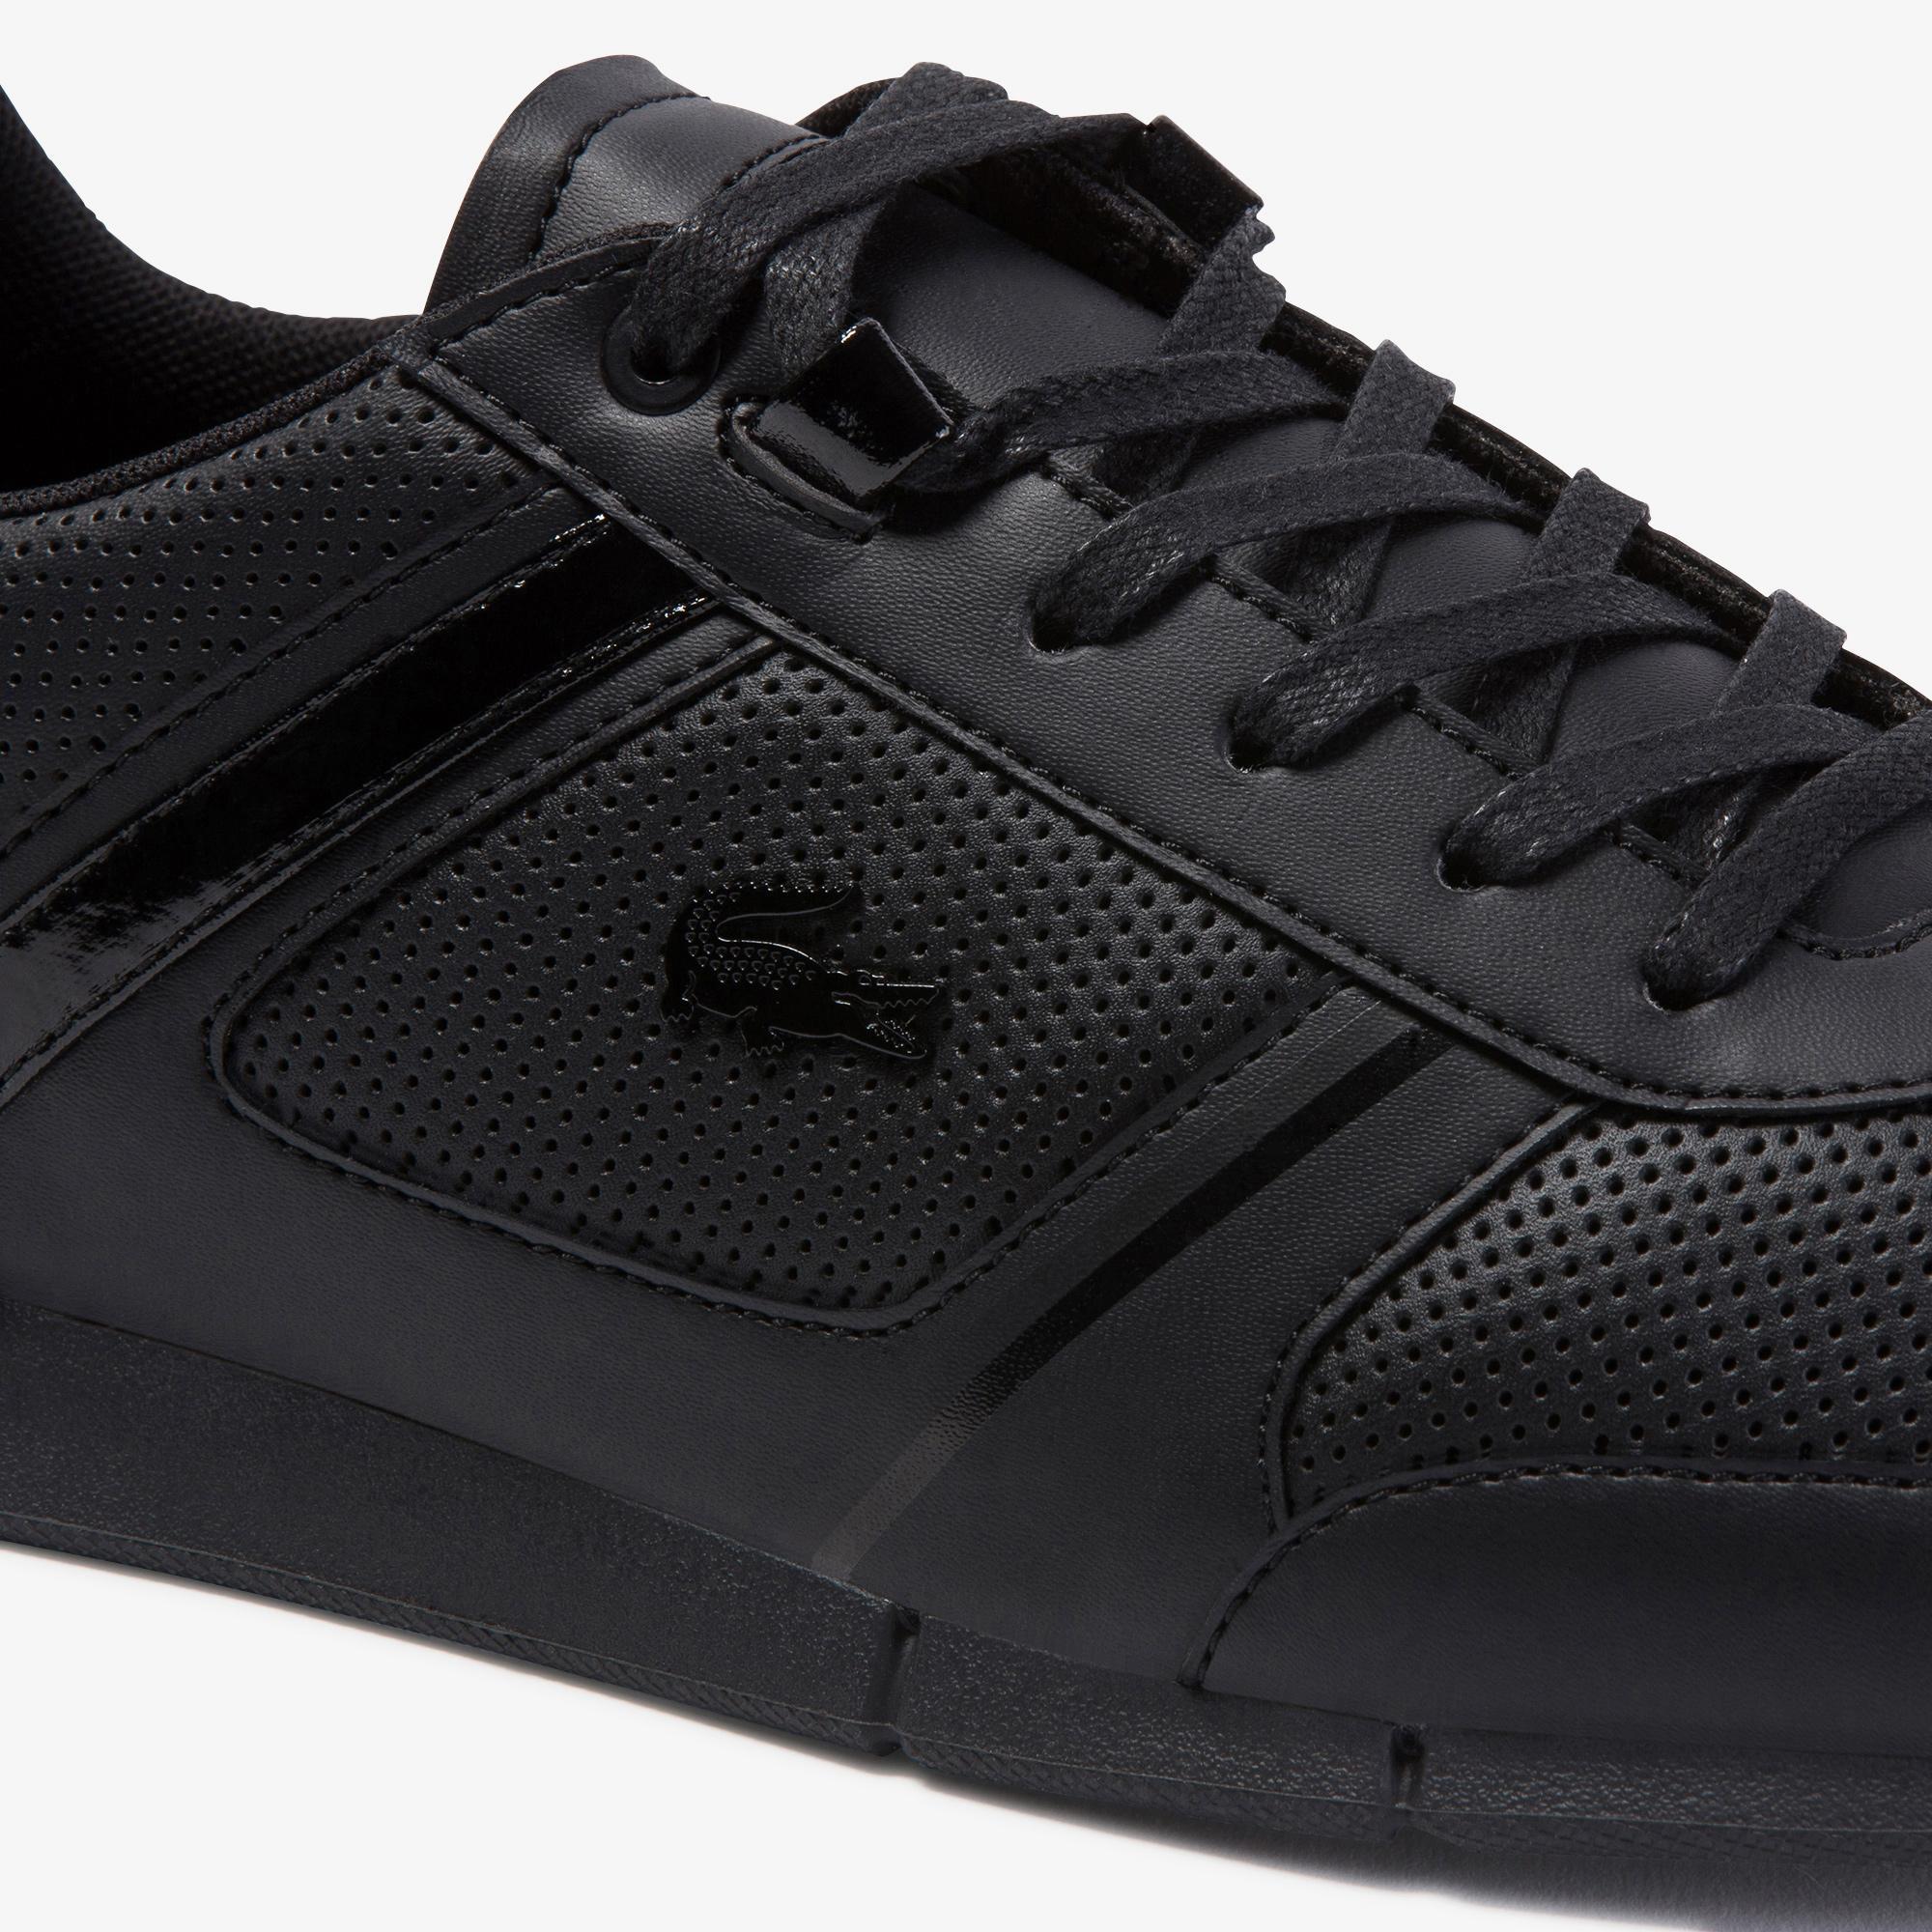 Lacoste Menerva 120 2 Cma Erkek Siyah Ayakkabı